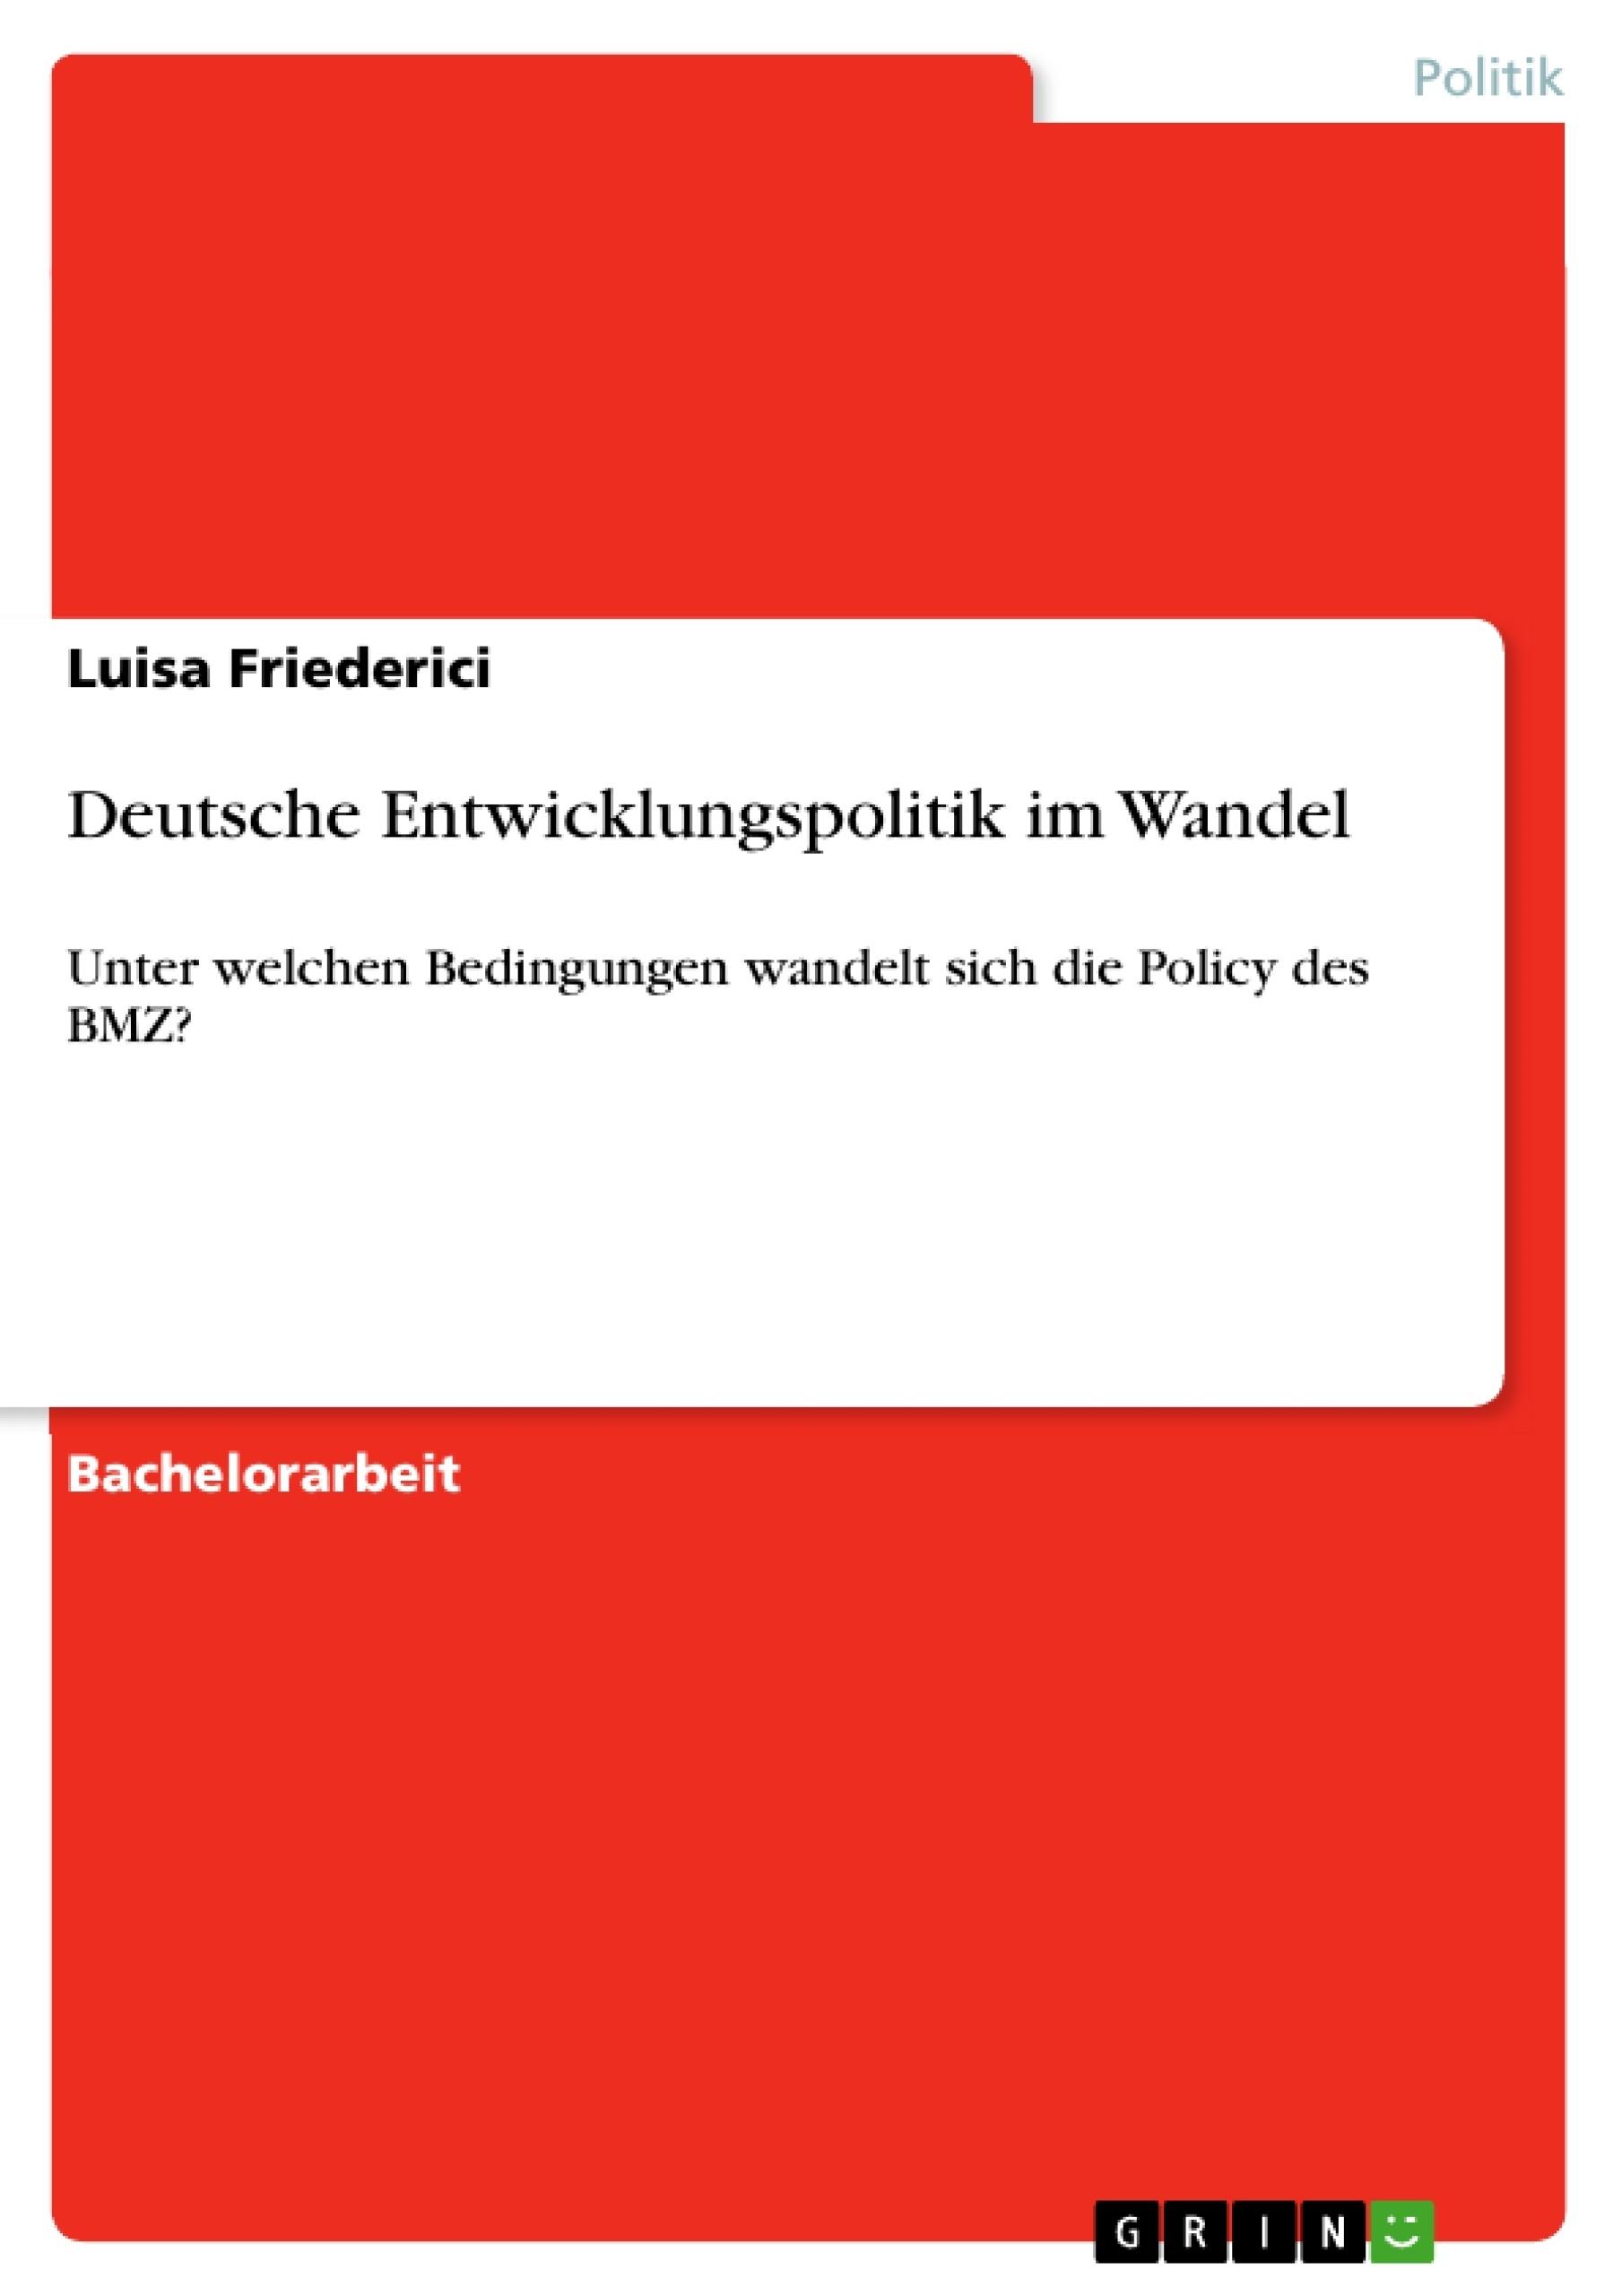 Titel: Deutsche Entwicklungspolitik im Wandel